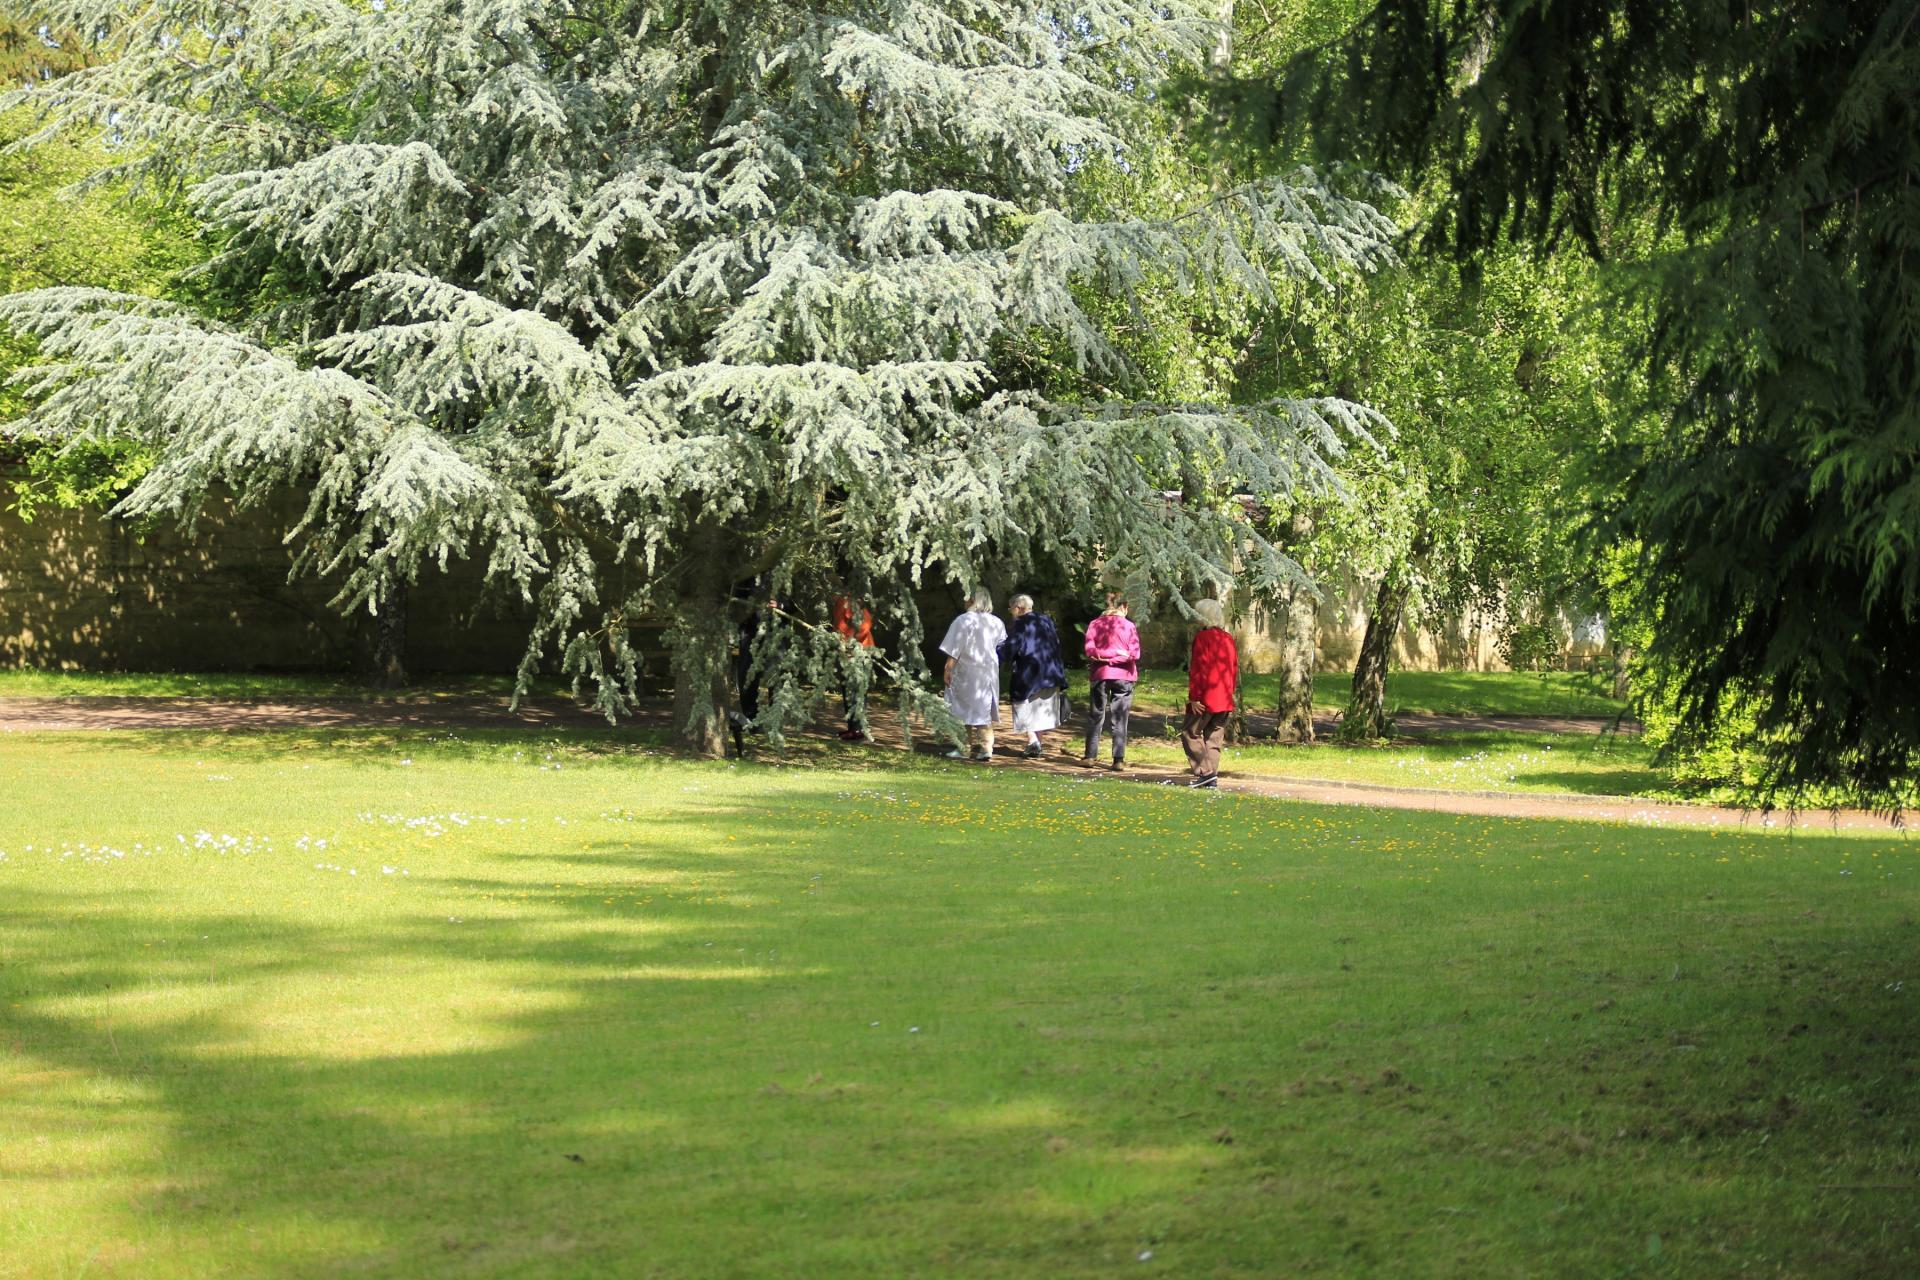 Activite promenade résidence sénior maison de retraite Ma Vallée Us Val d'Oise 95